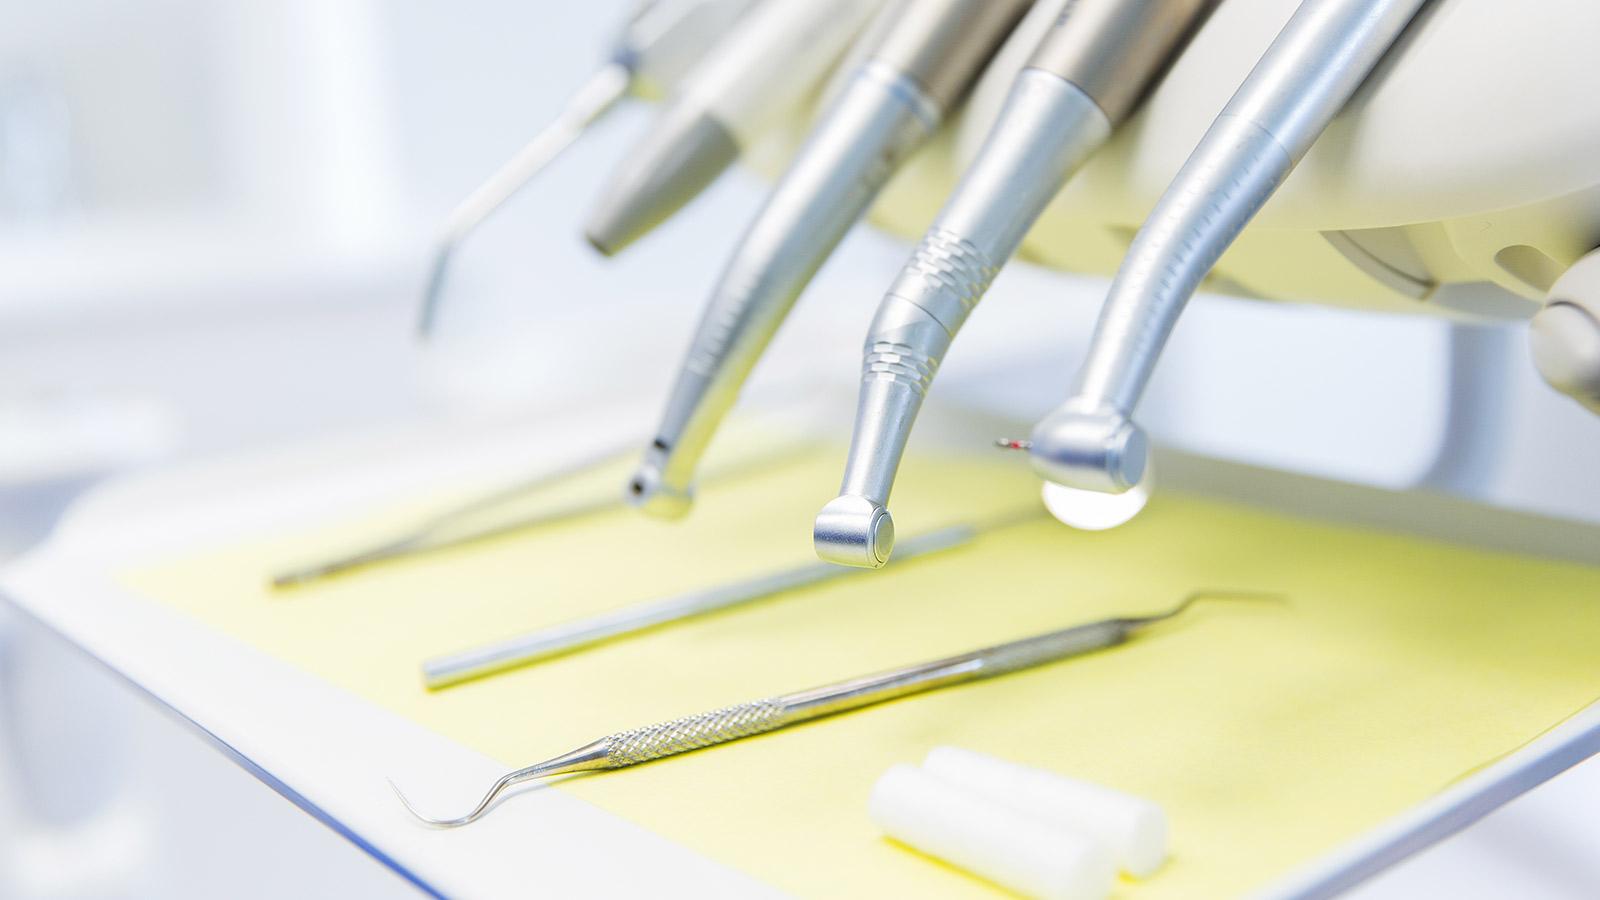 アップル歯科の衛生管理